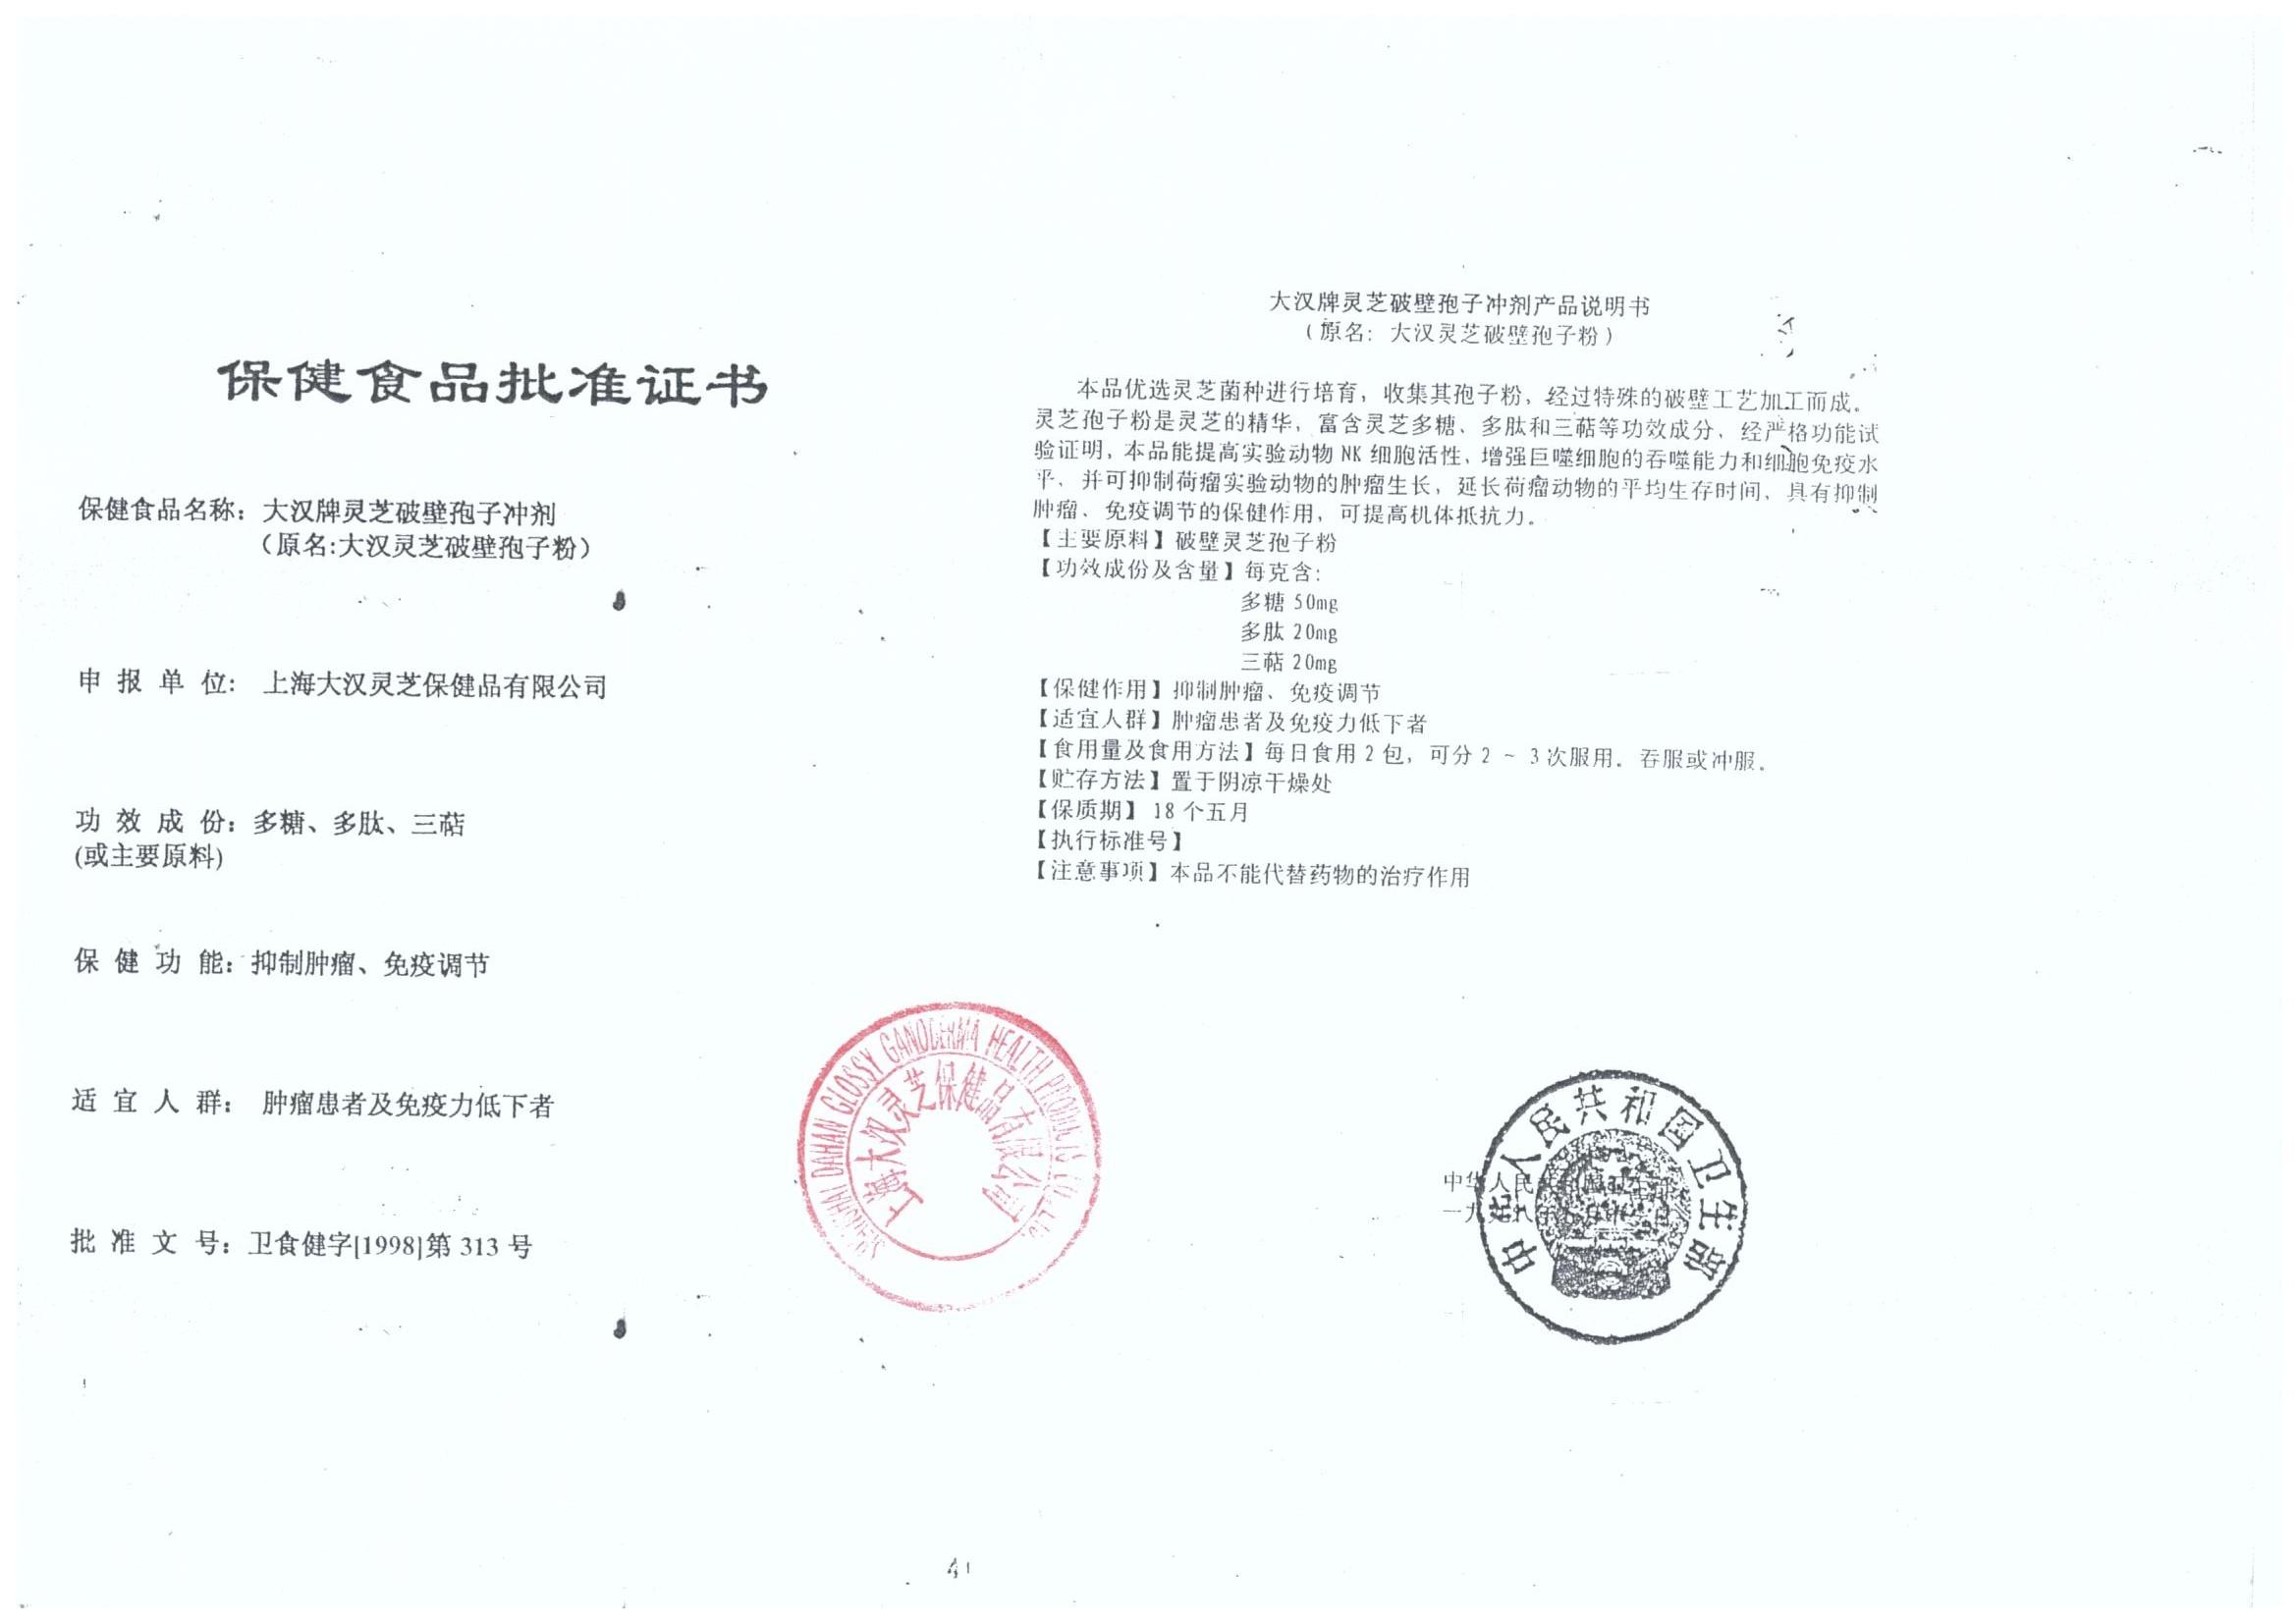 菇新大汉牌灵芝破壁孢子冲剂保健食品批准证书